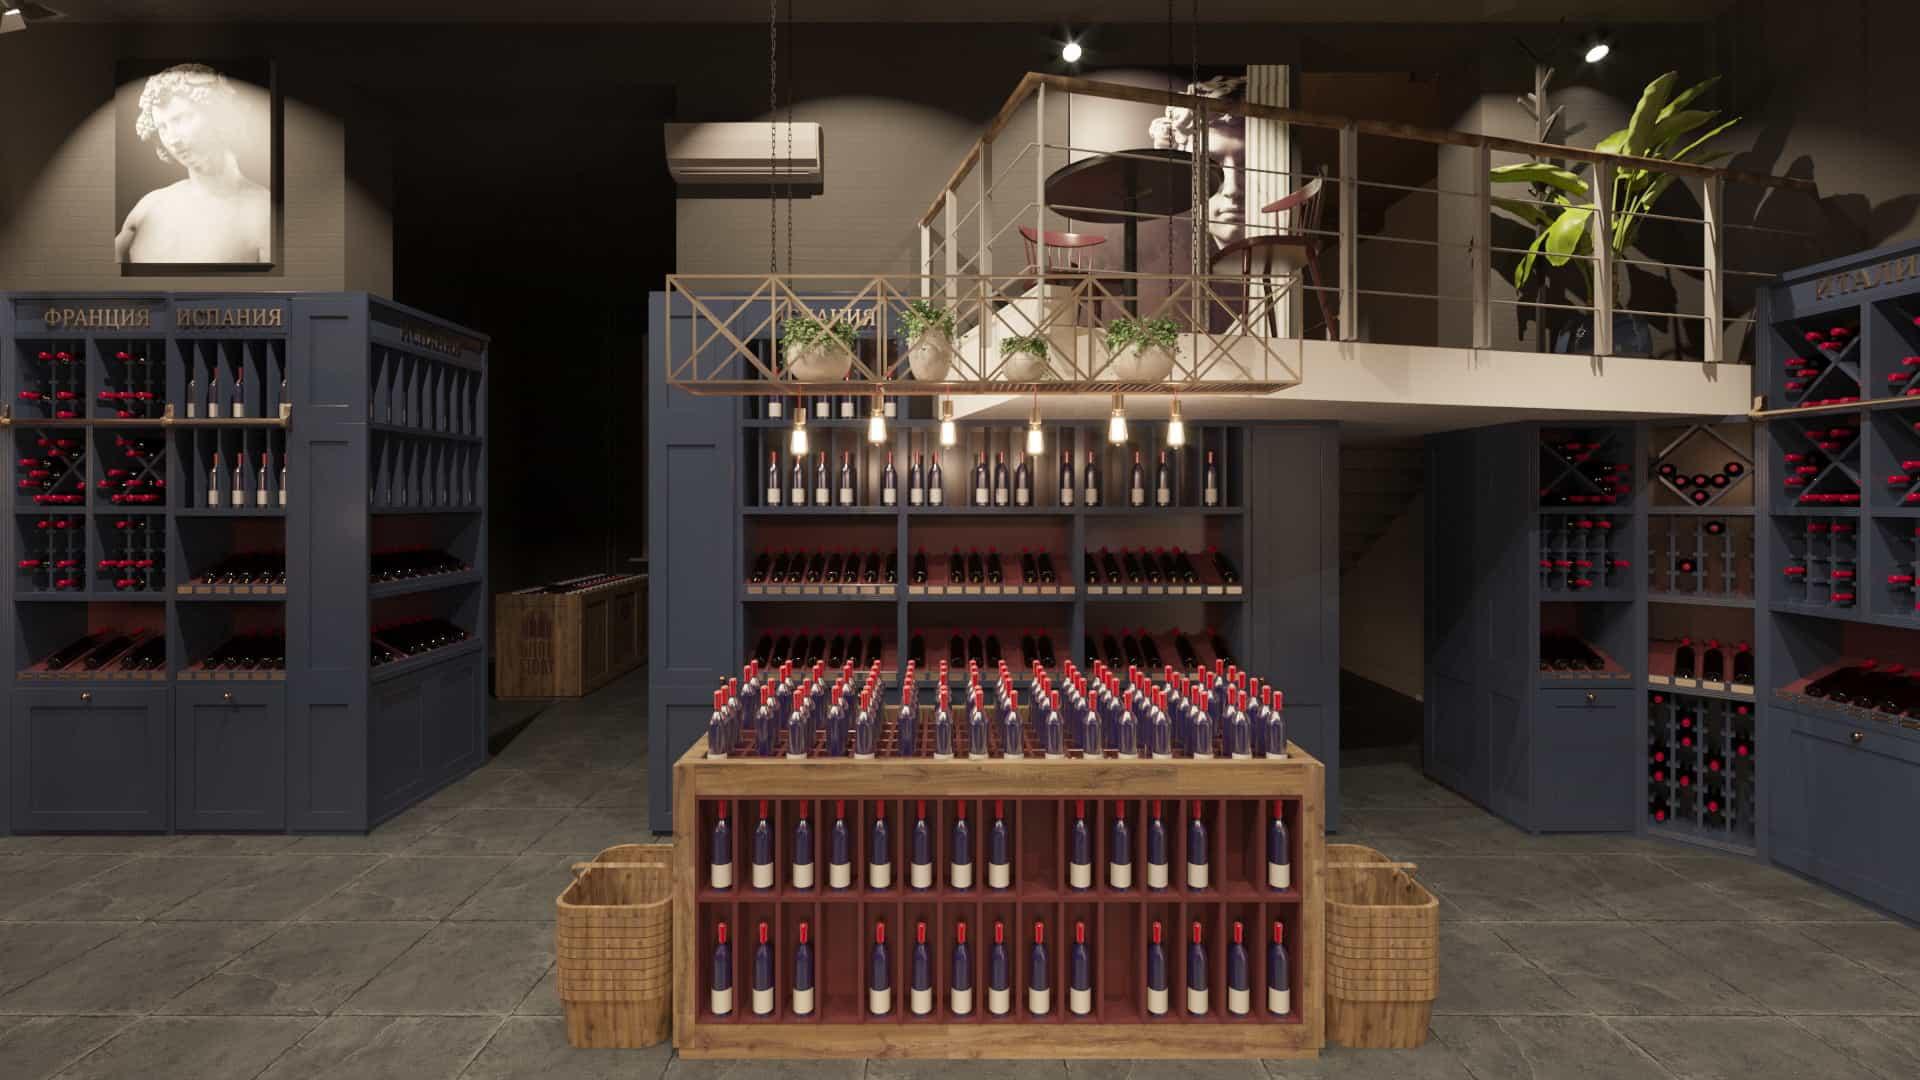 винотека, интерьер винотеки, дизайн интерьера, дизайнер интерьера, дизайн интерьера уфа, дизайнер интерьера уфа, дизайн интерьера фото, студия дизайна интерьера, архитектурное бюро